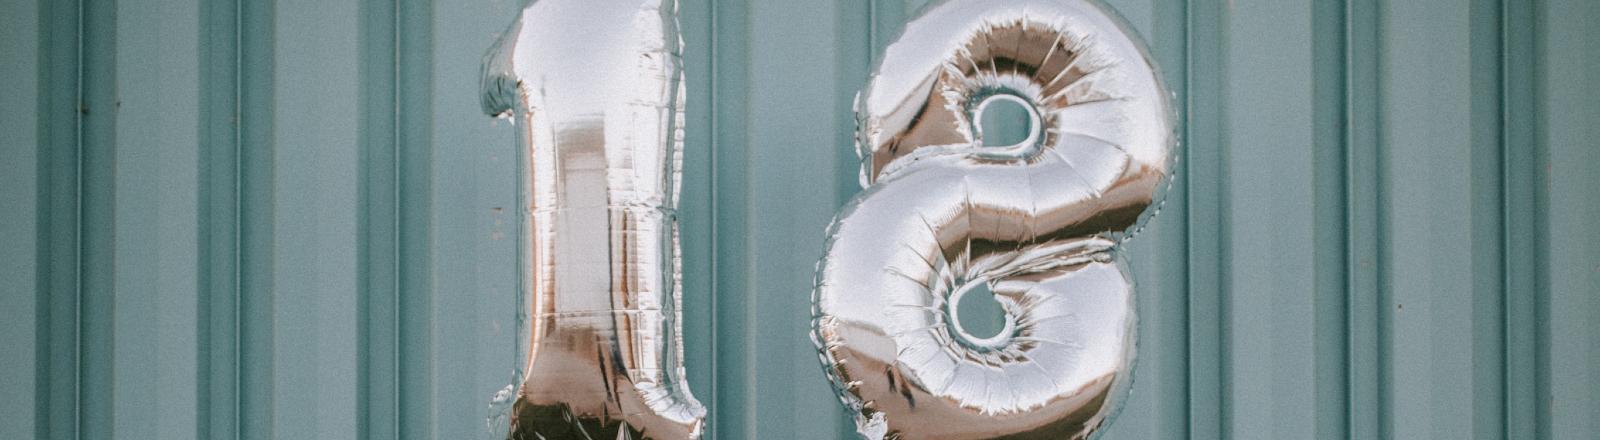 Frau hält silberne Geburtstags-Luftballons in den Händen.